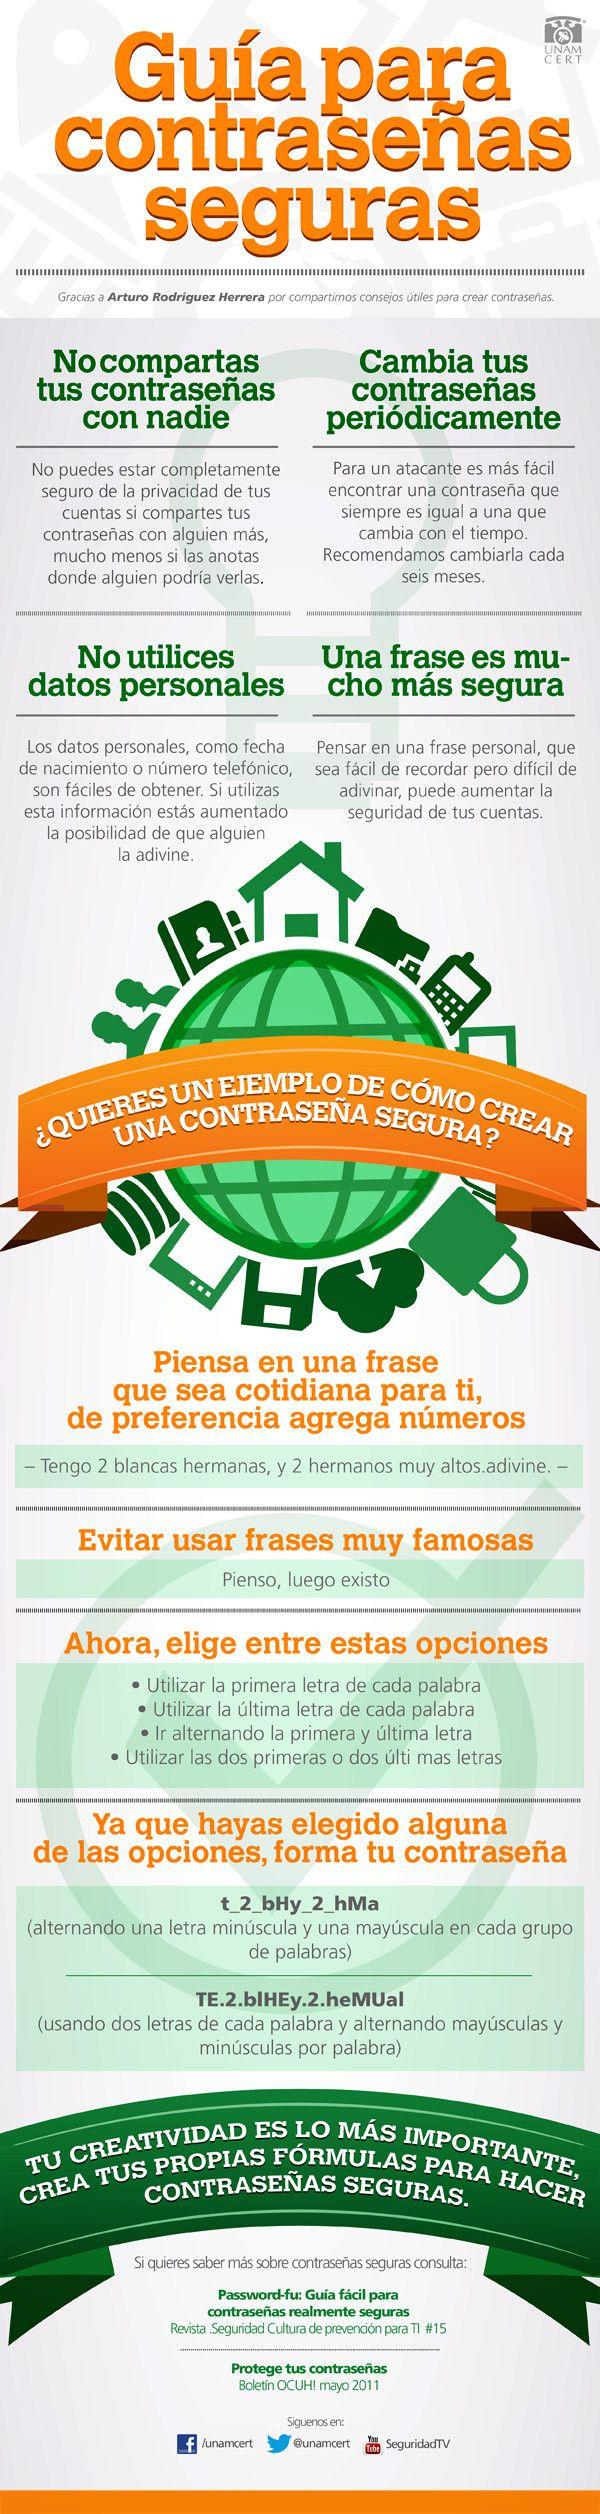 Guía para contraseñas segurashttp://ticsyformacion.com/2013/08/29/guia-para-contrasenas-seguras-infografia-infographic-internet/